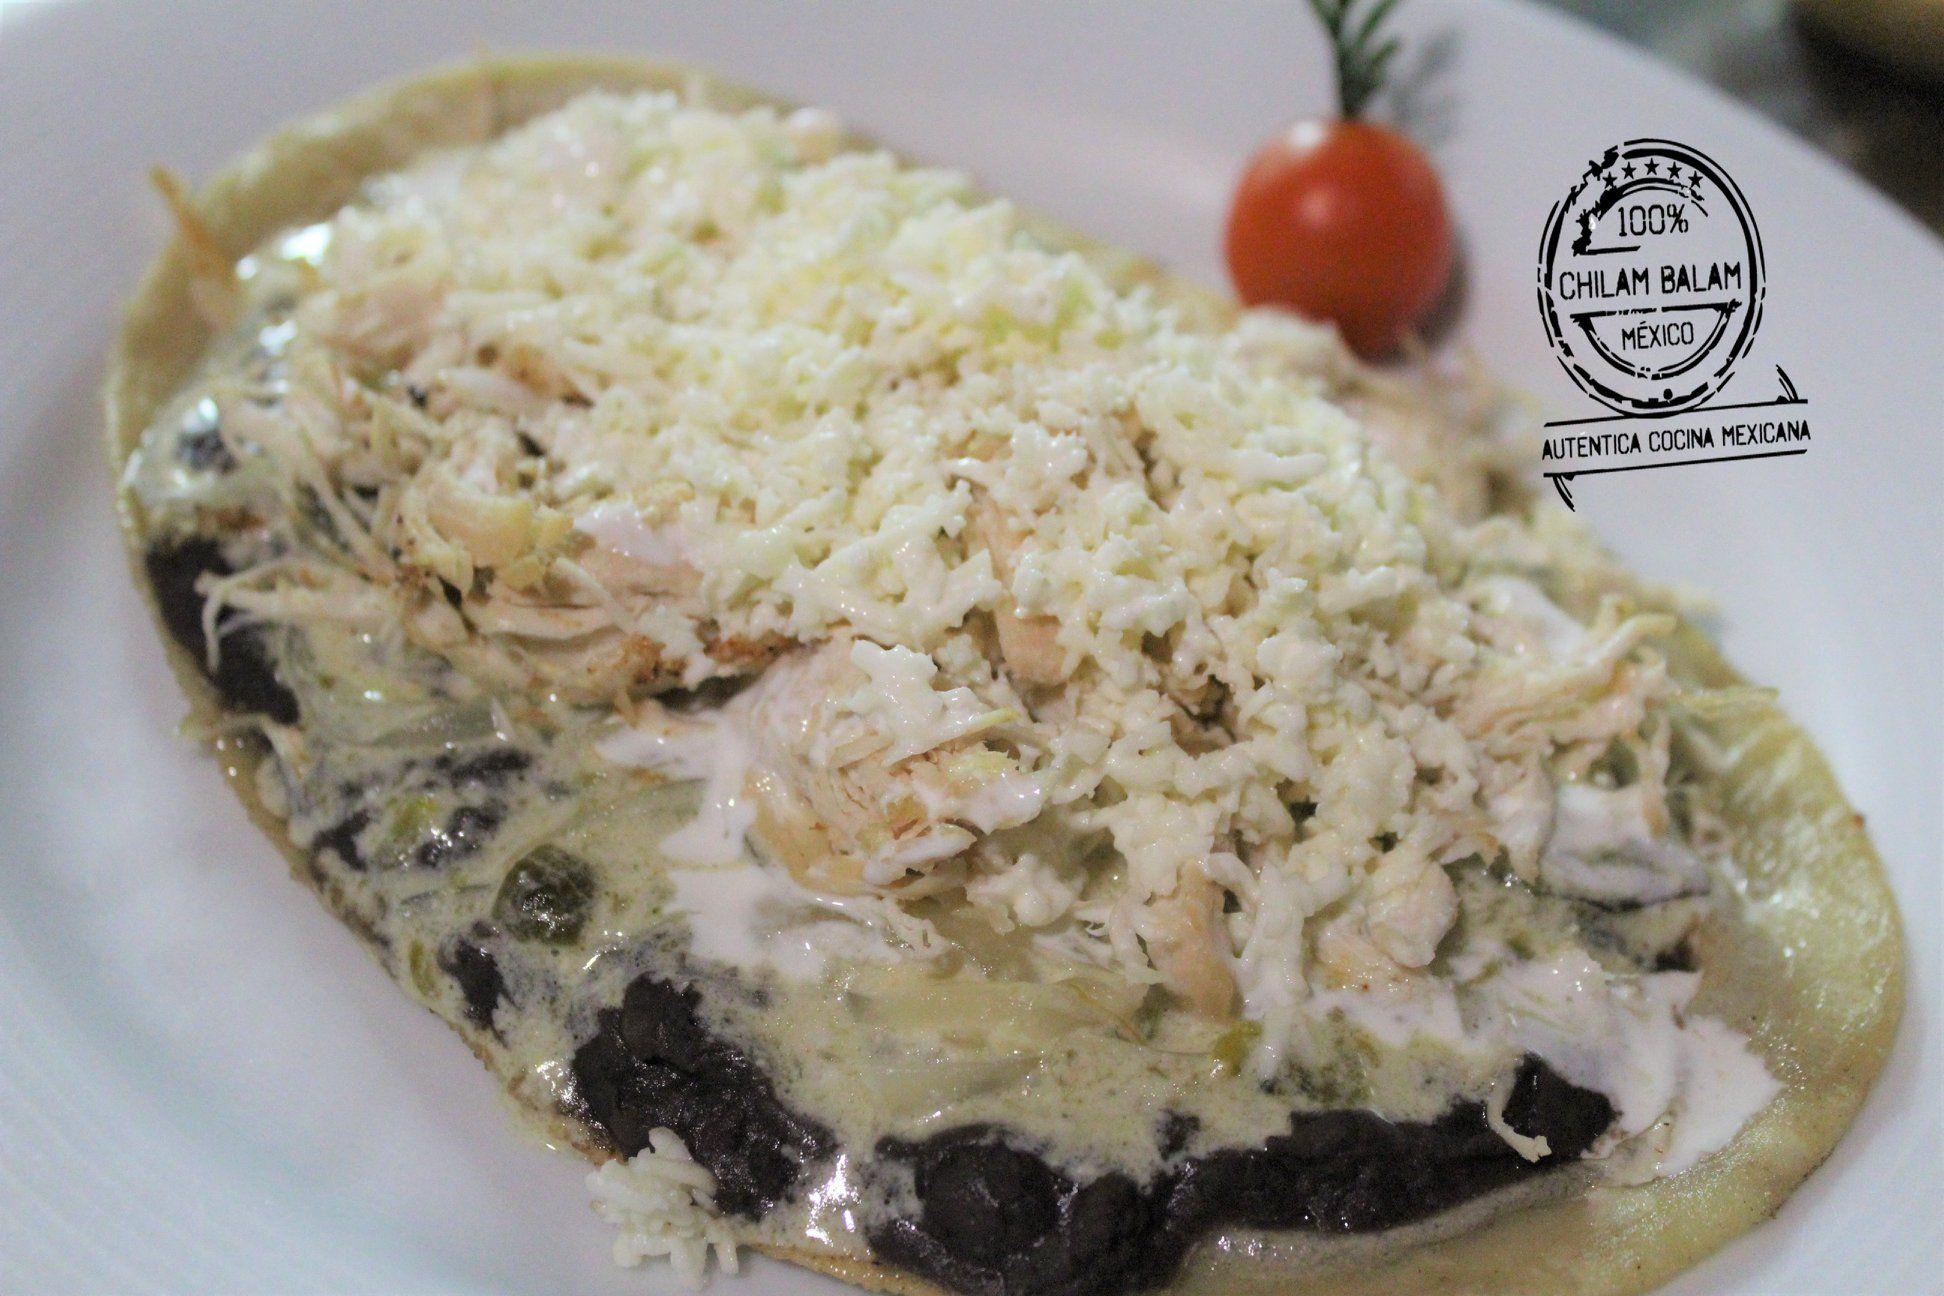 Foto 18 de Cocina mexicana en  | Chilam Balam